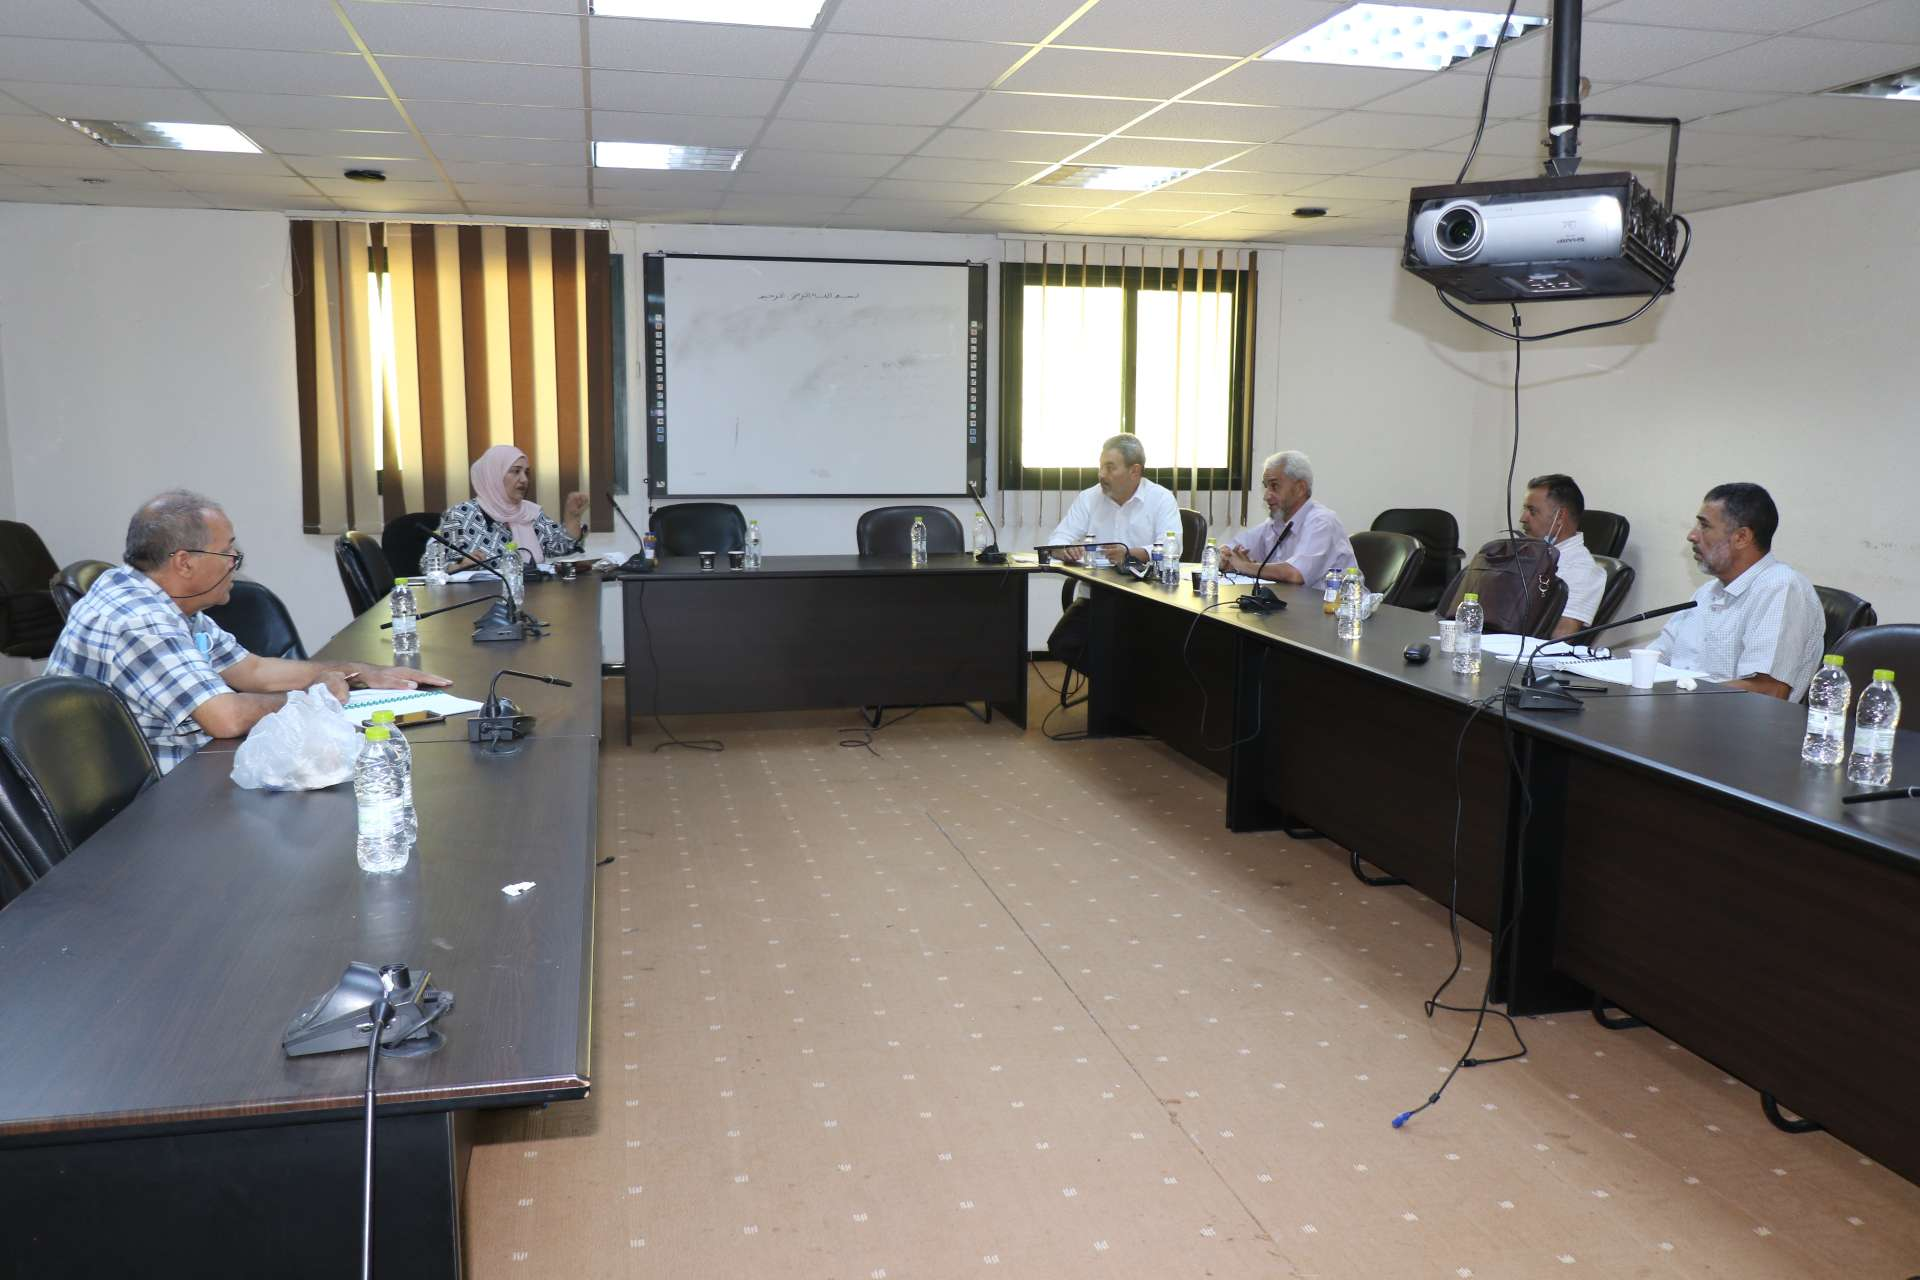 اجتماع لجنة تنظيم لائحة الدراسة والامتحانات بالأكاديمية الليبية للدراسات العليا.